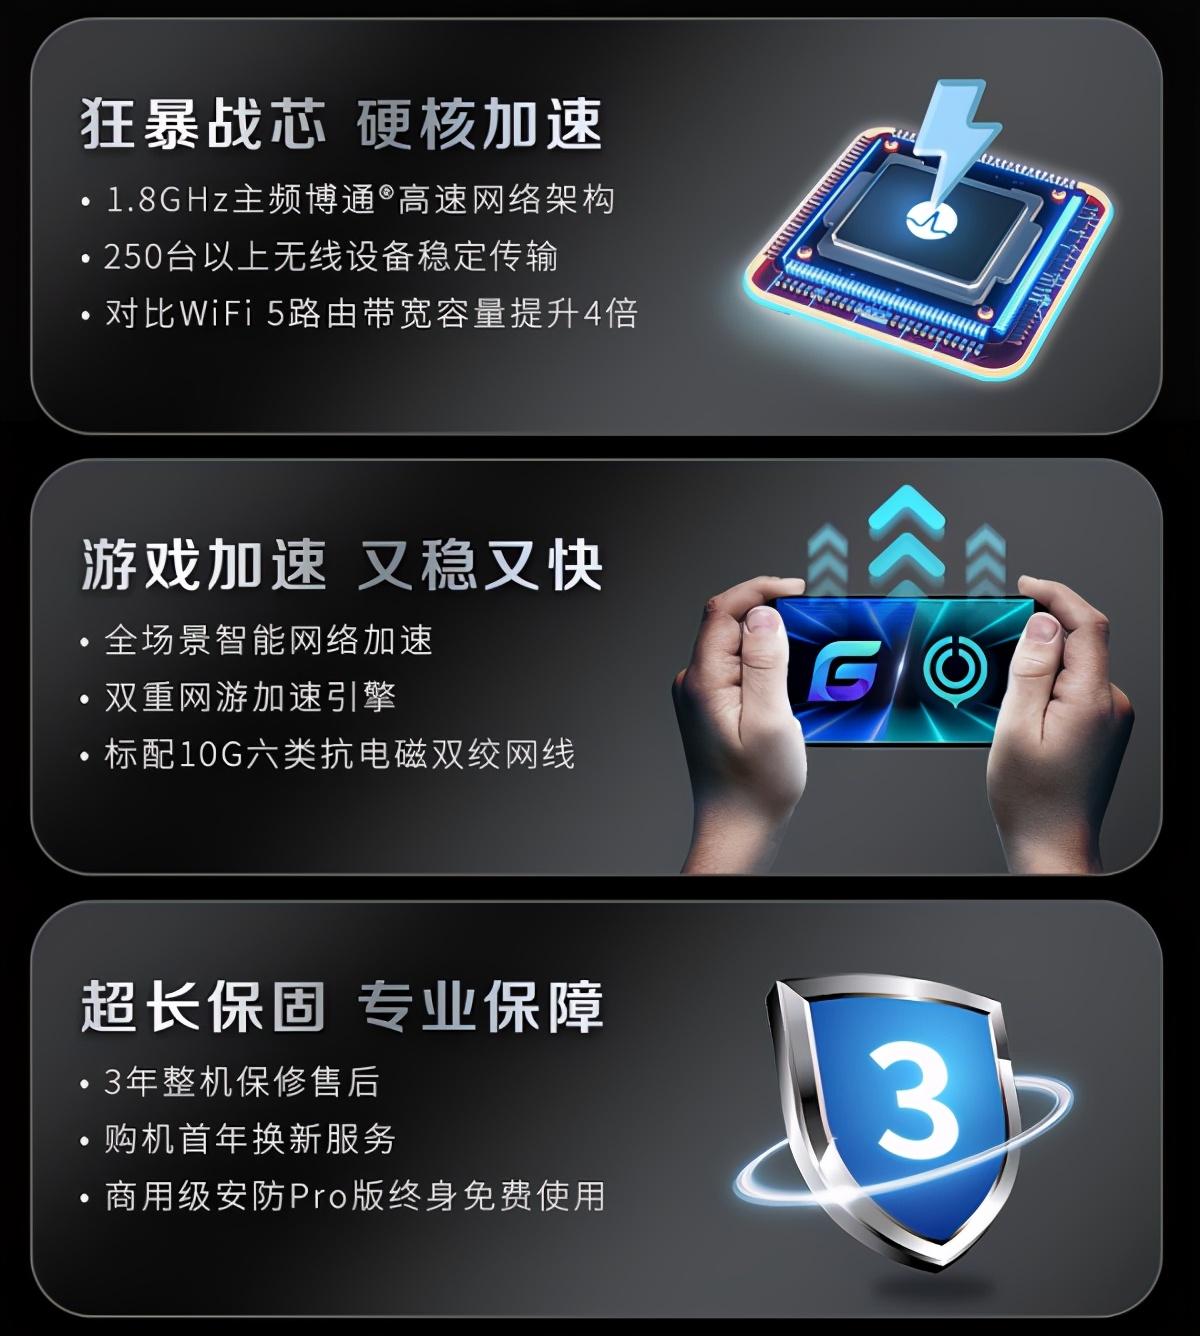 ROG2021新品发布会 华硕WiFi6路由开启电竞新纪元